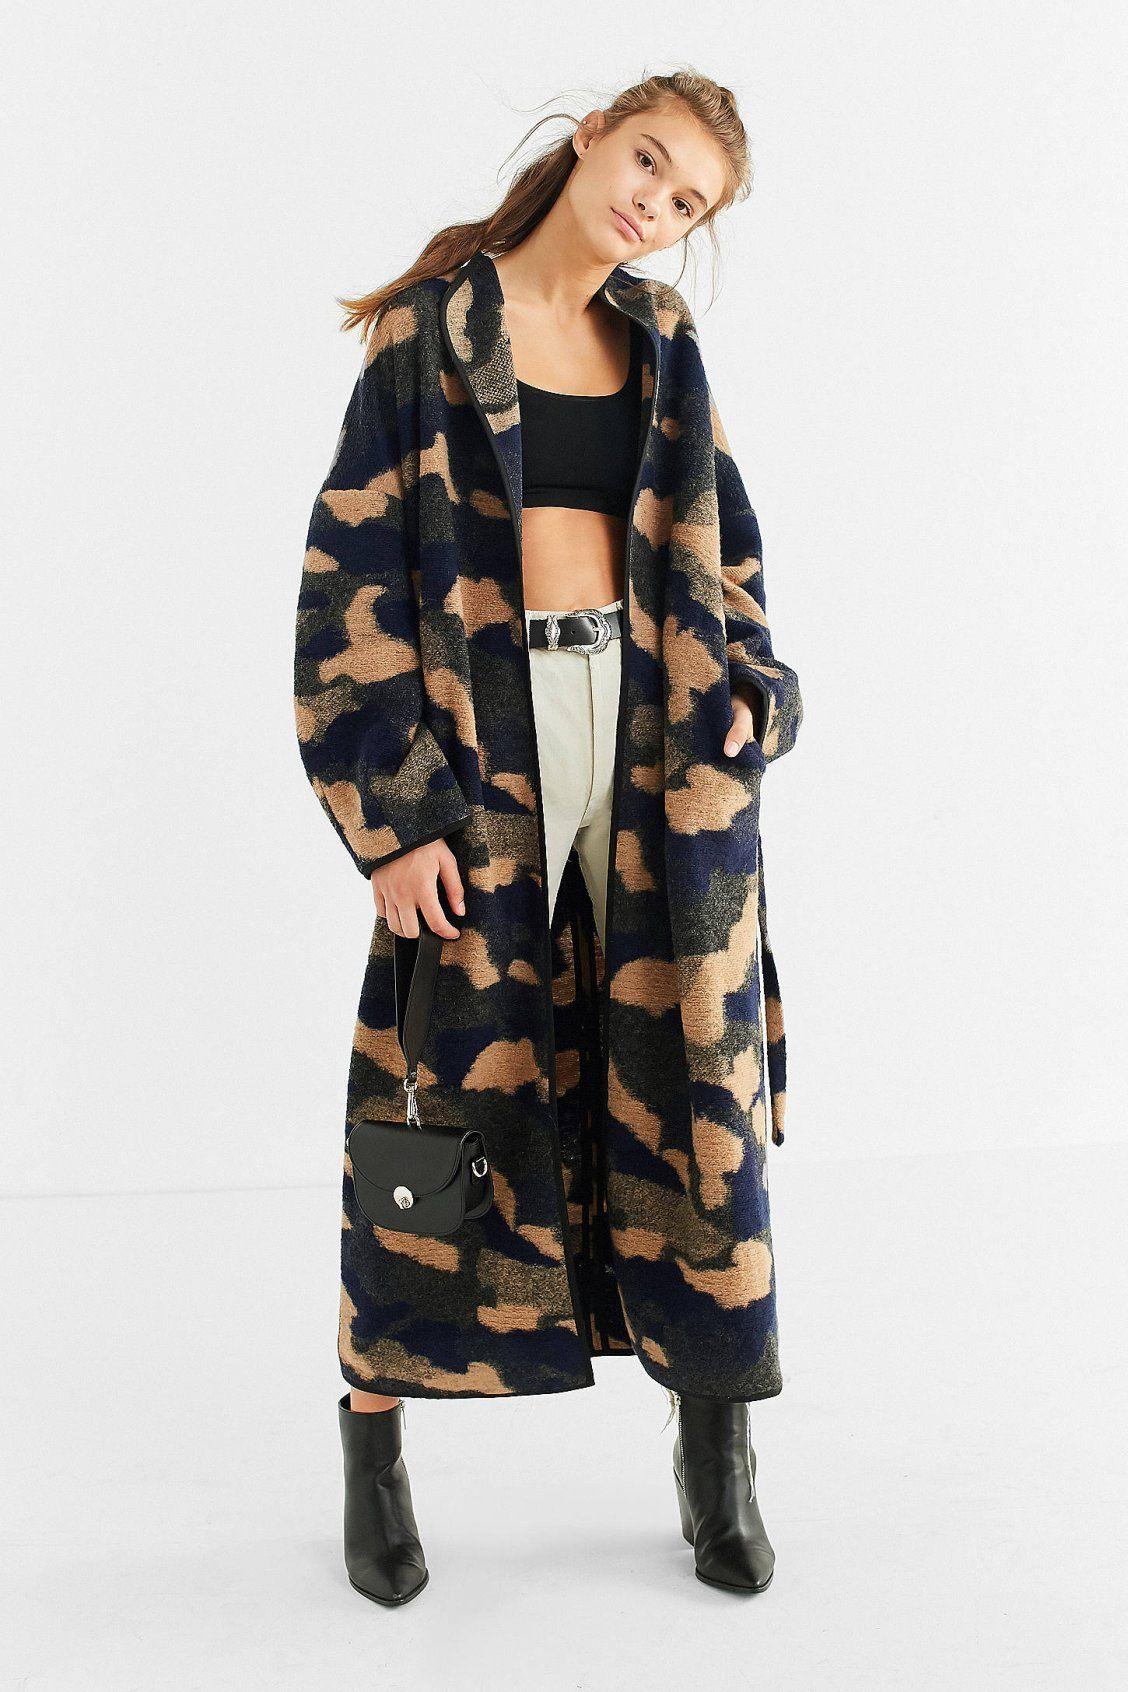 96a1c06c910fbd UO Camo Wool Cocoon Coat